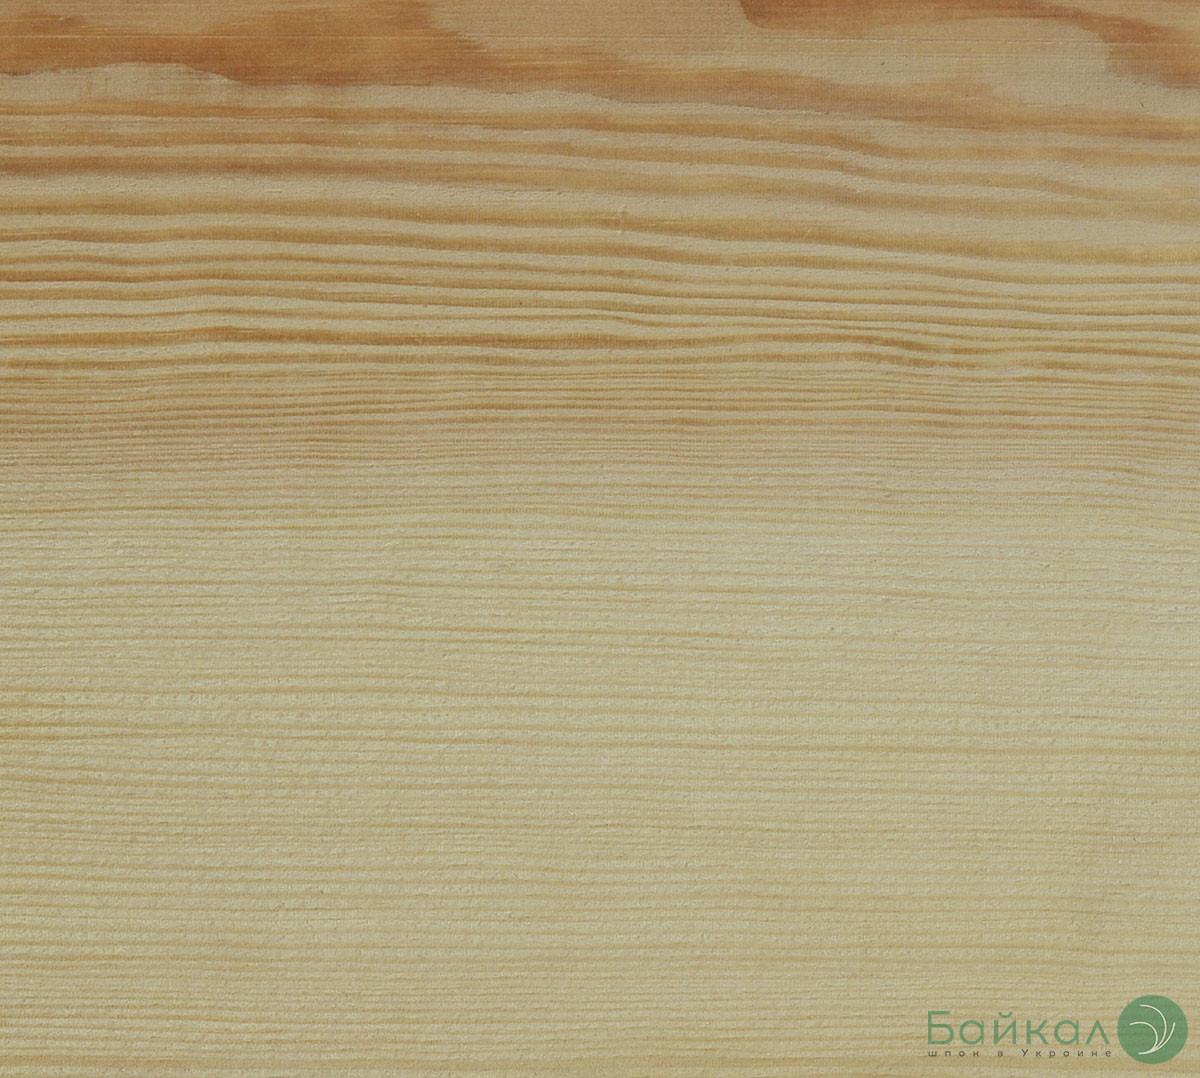 Шпон Сосна 2,5 мм (строганная) АВ сорт - 2,10 м+/10 см+